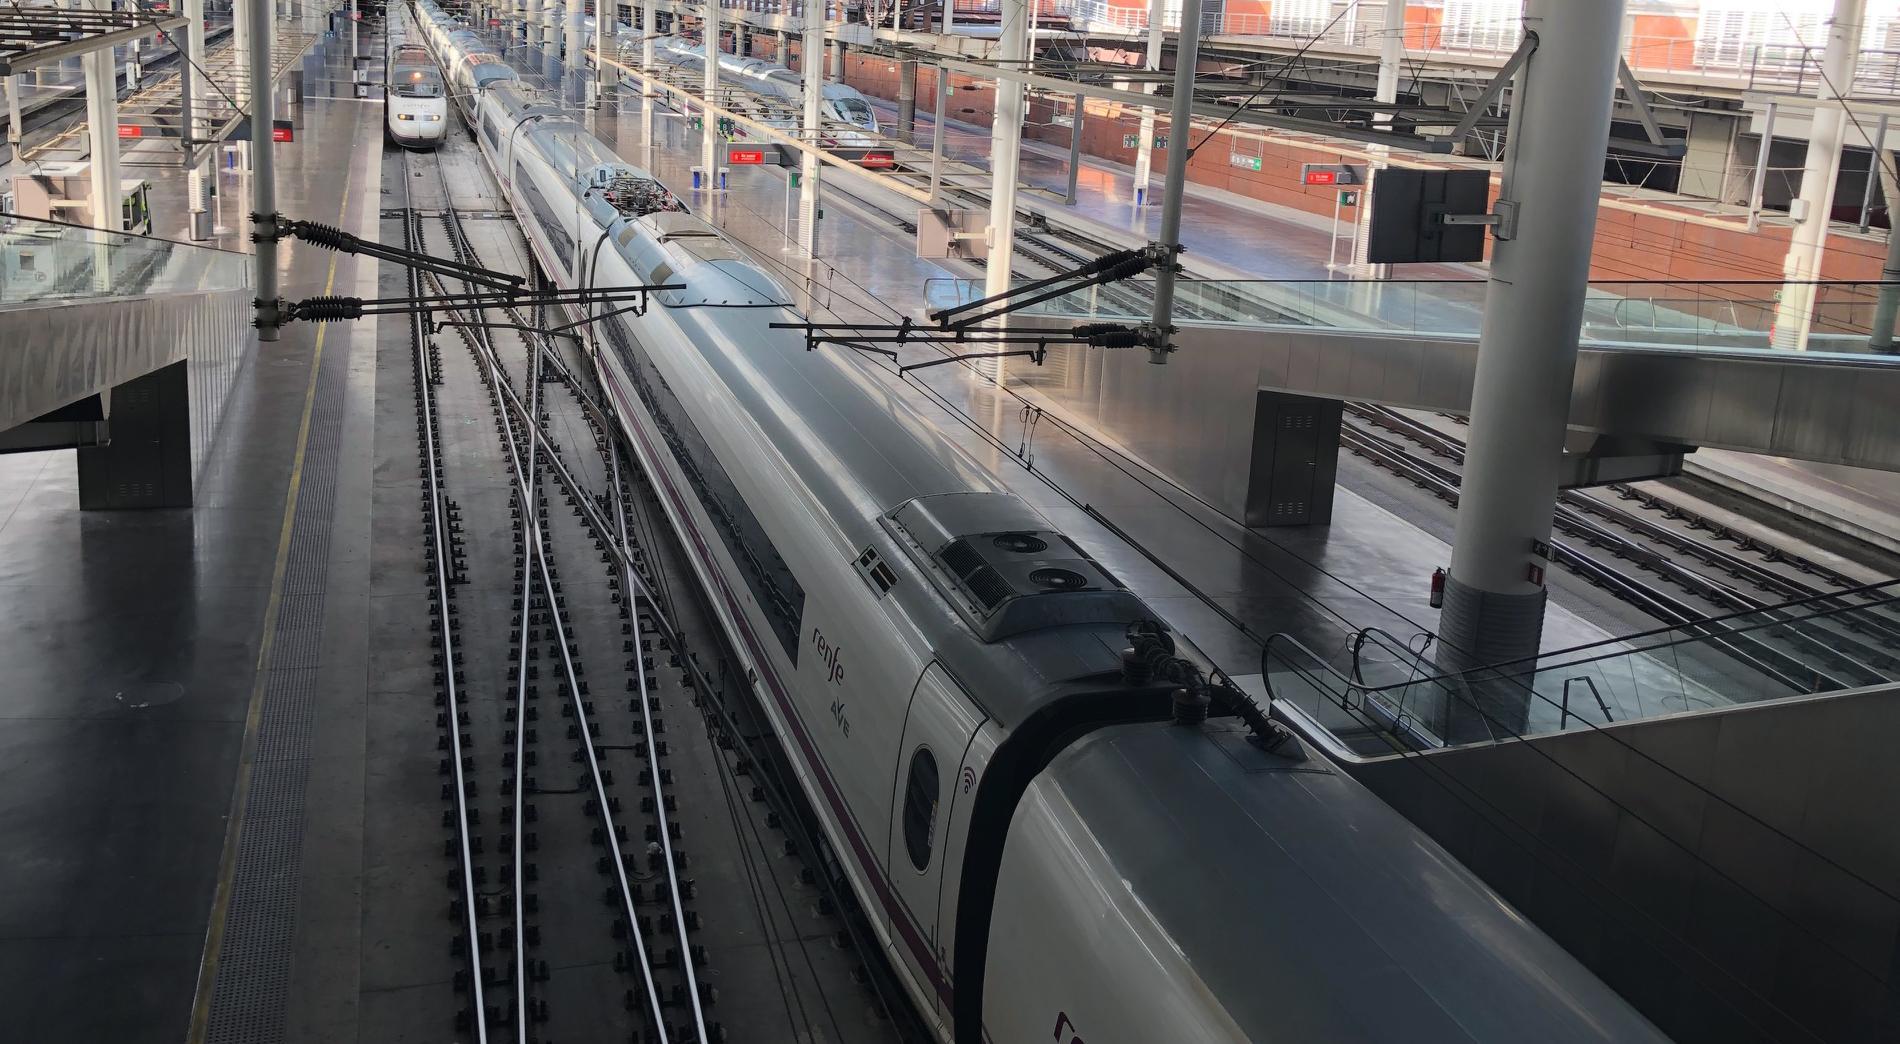 Nopeita junia Etelä-Euroopassa